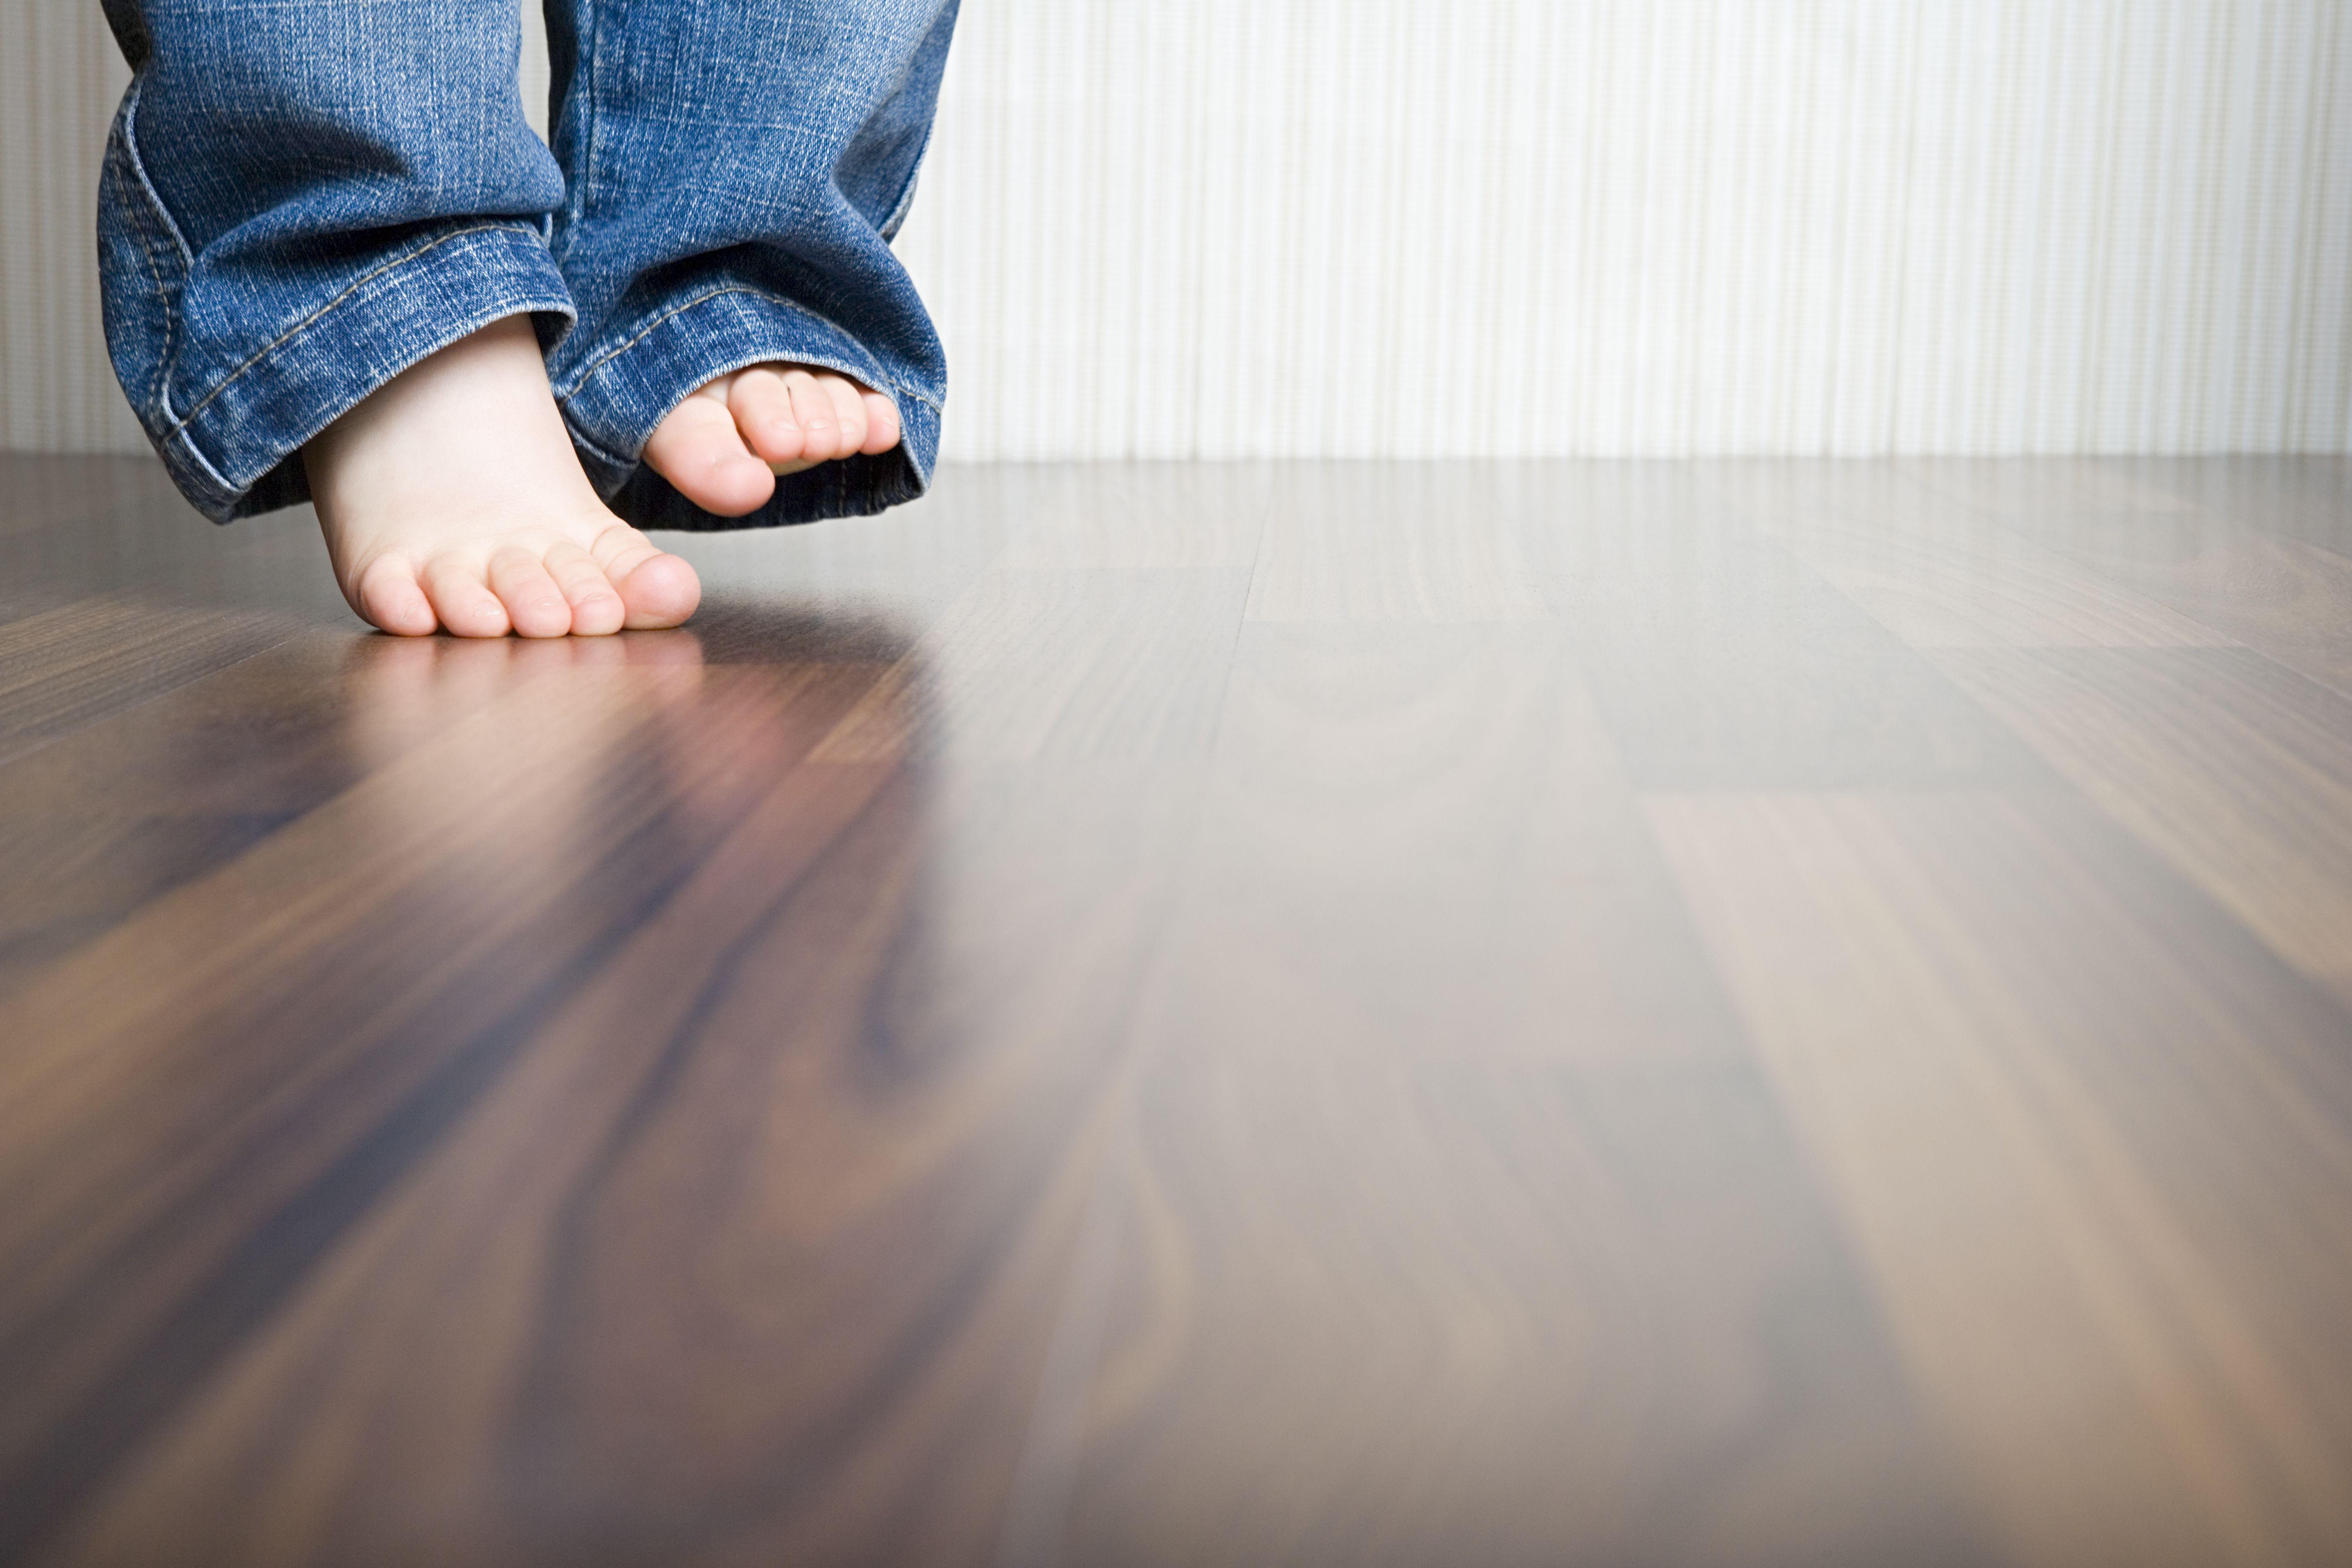 bona hardwood floor cleaner of how to clean hardwood floors best way to clean wood flooring in 1512149908 gettyimages 75403973